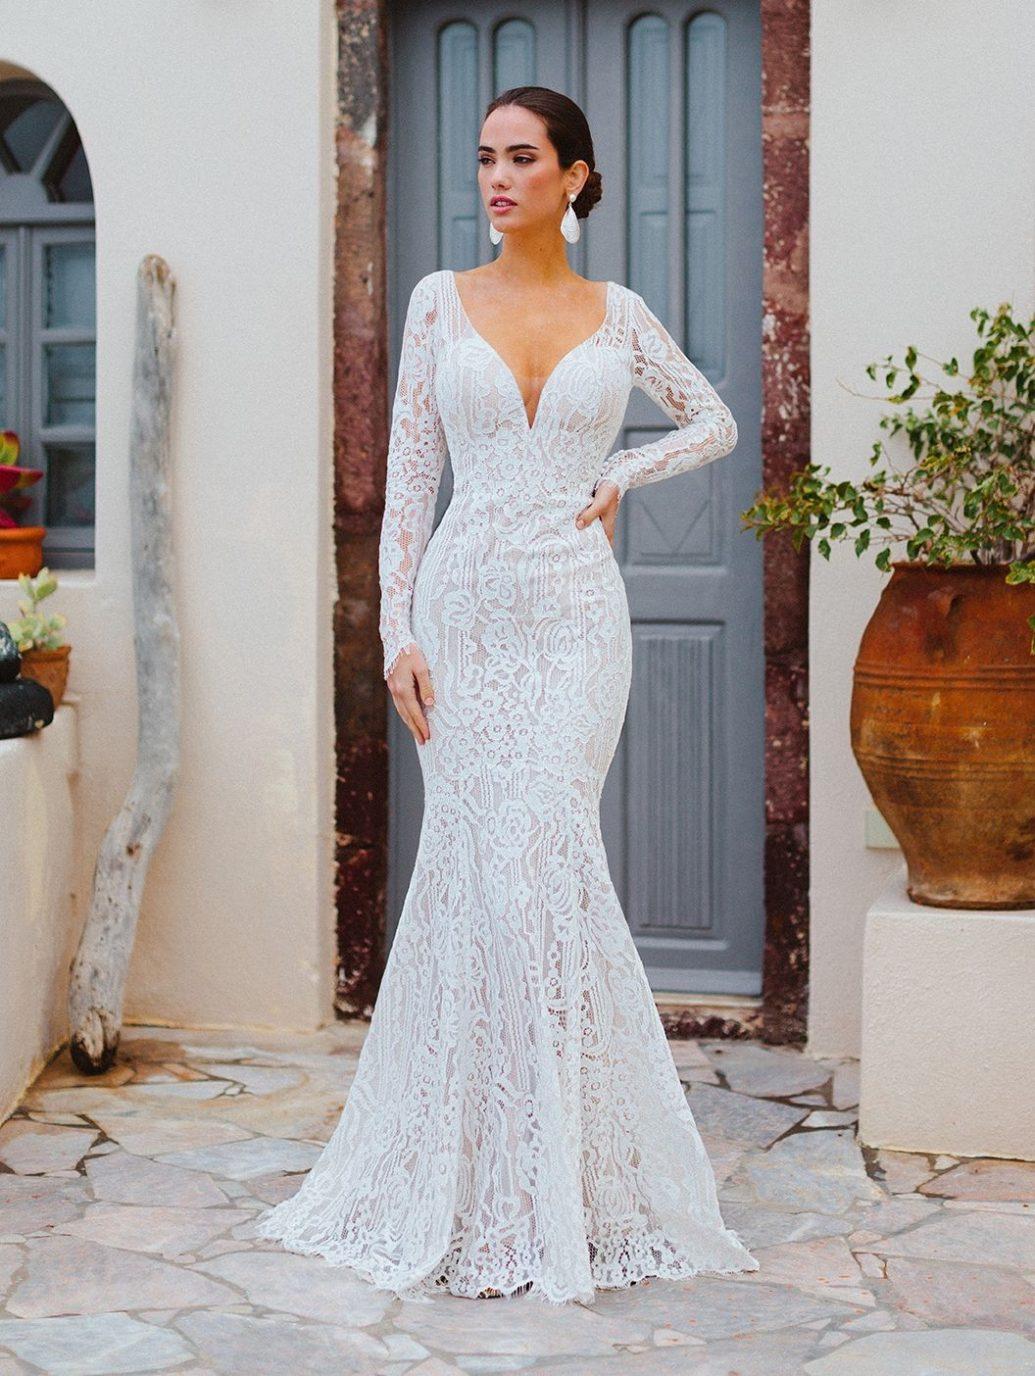 Allure Bridals WIlderly kollekciós F166 menyasszonyi ruha, vintage hatású, geometriai csipke mintával.